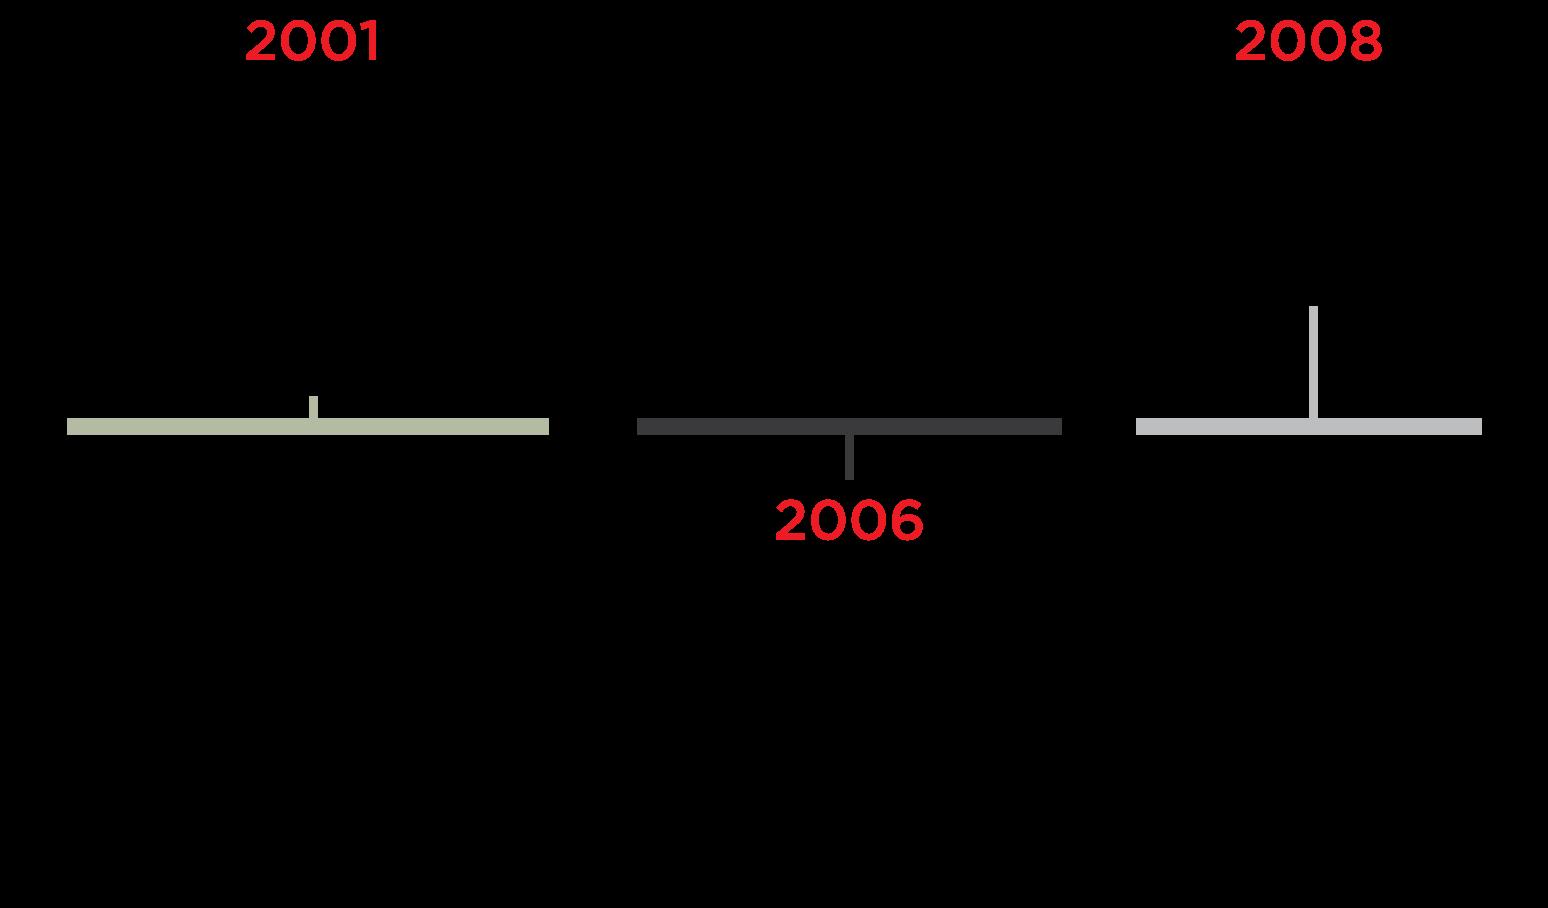 Timeline B